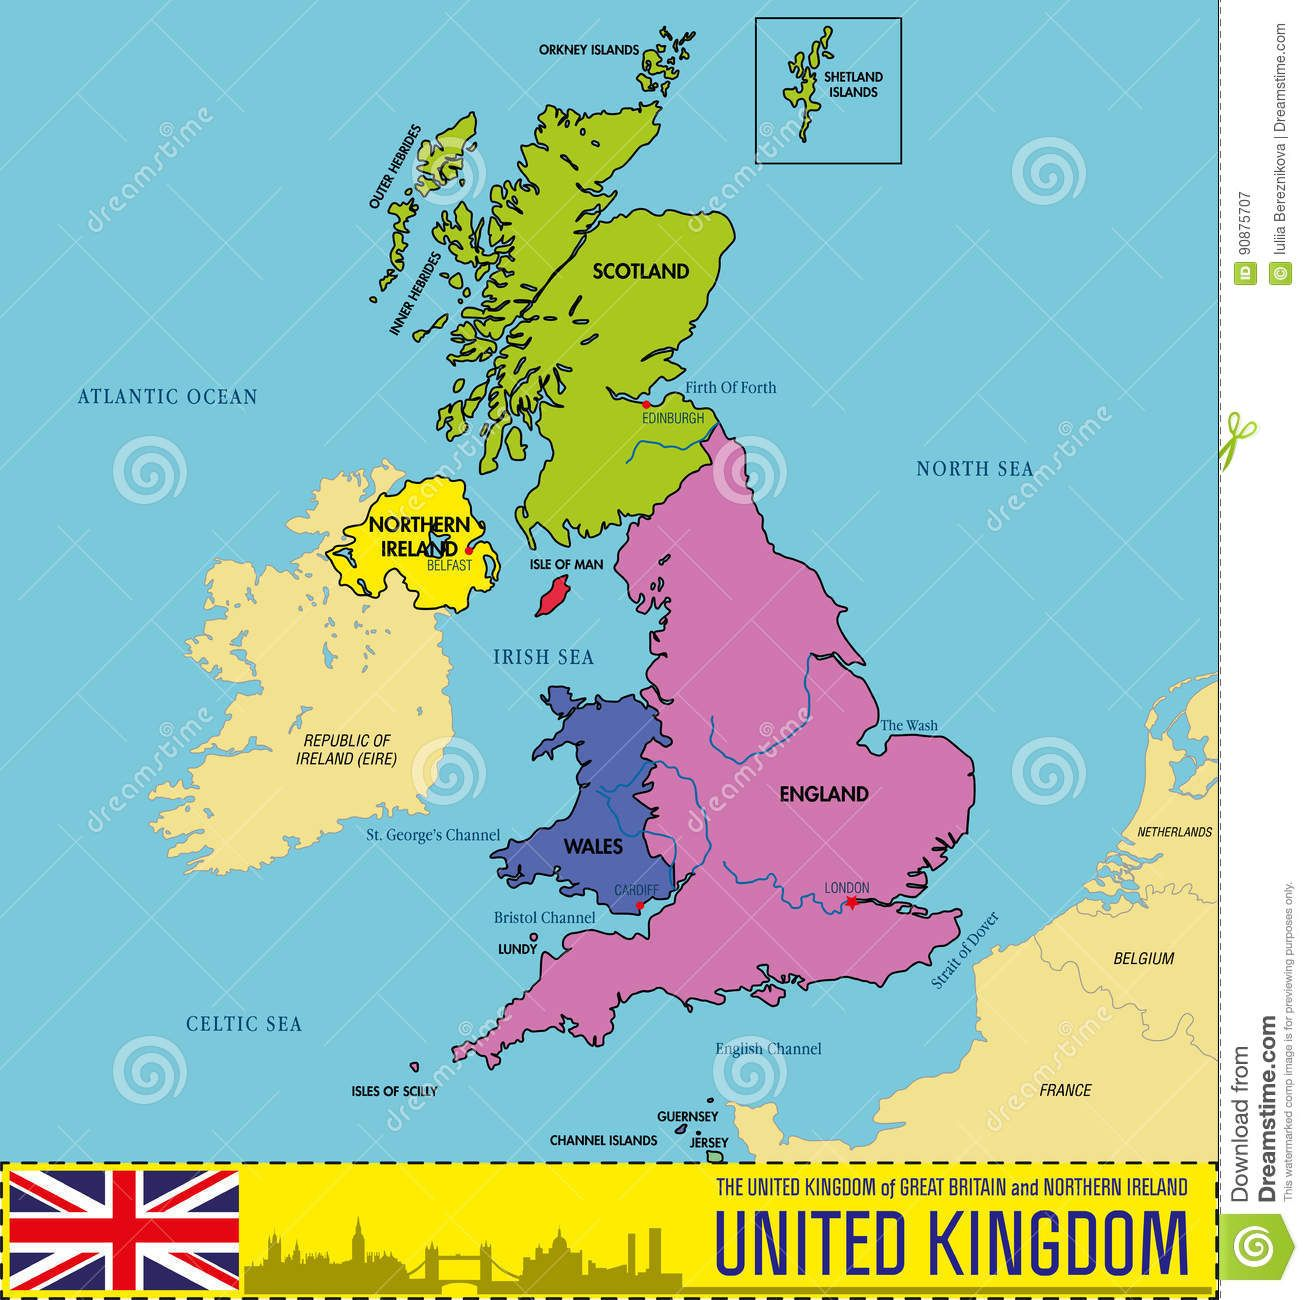 Mapa Politico Reino Unido Para Imprimir.Resultado De Imagen Para Mapa Politico Reino Unido Convite